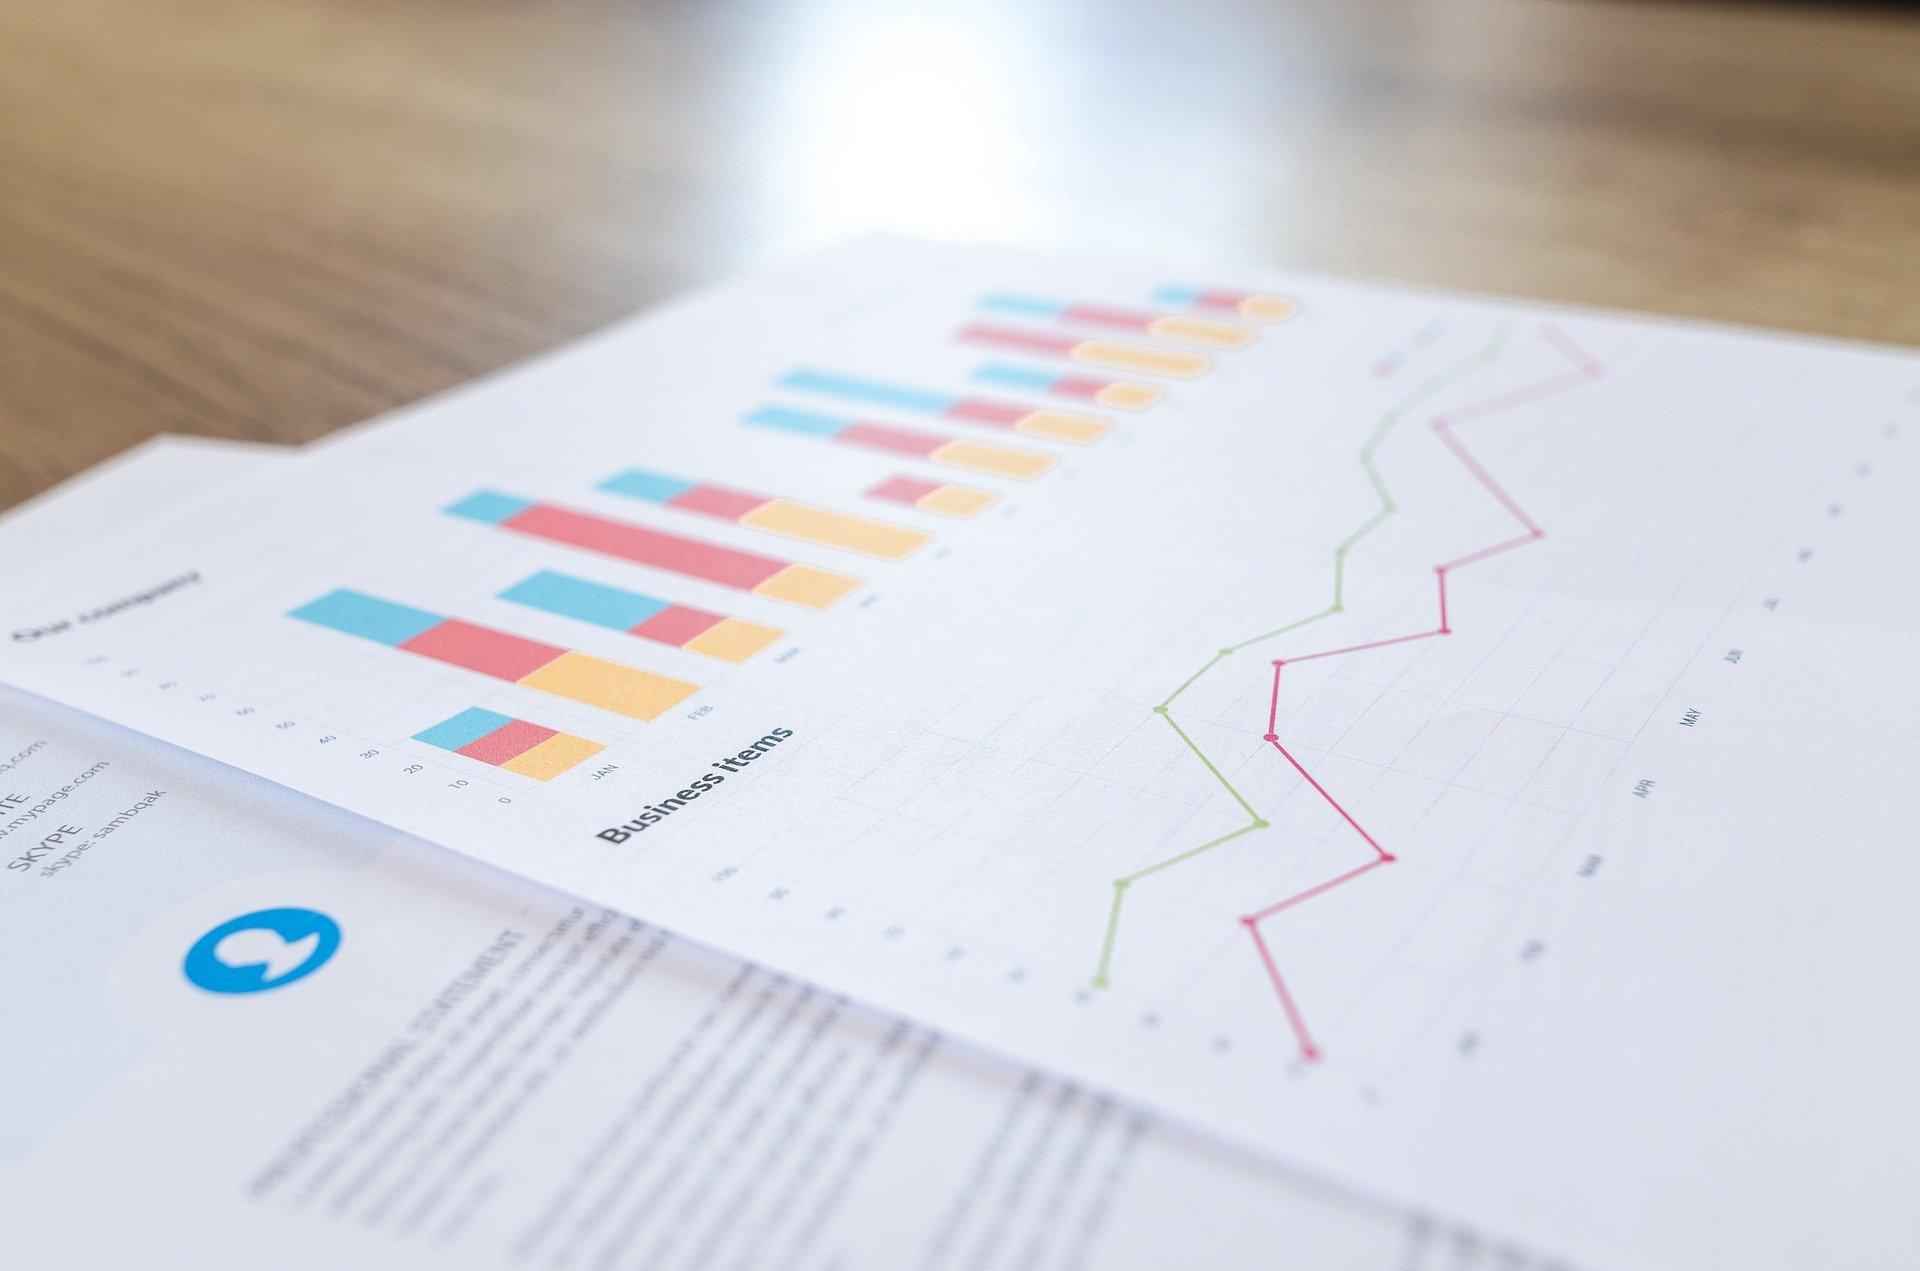 Анализ экономикческих данных